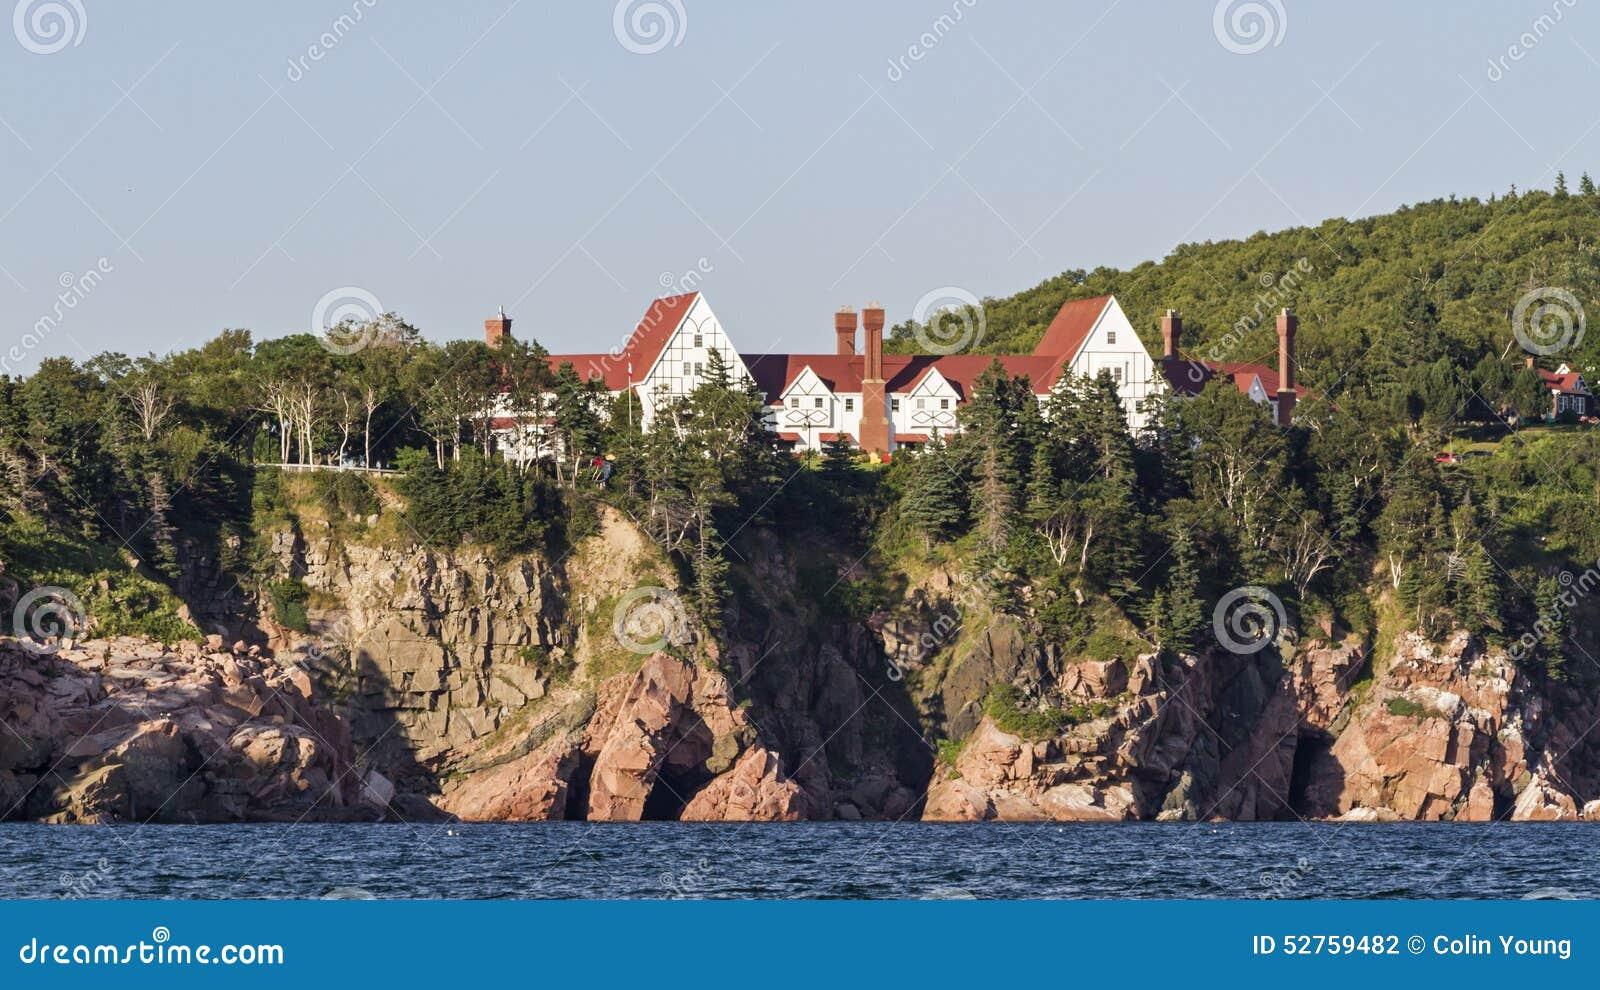 keltic lodge resort stock photo  image of nobody  breton